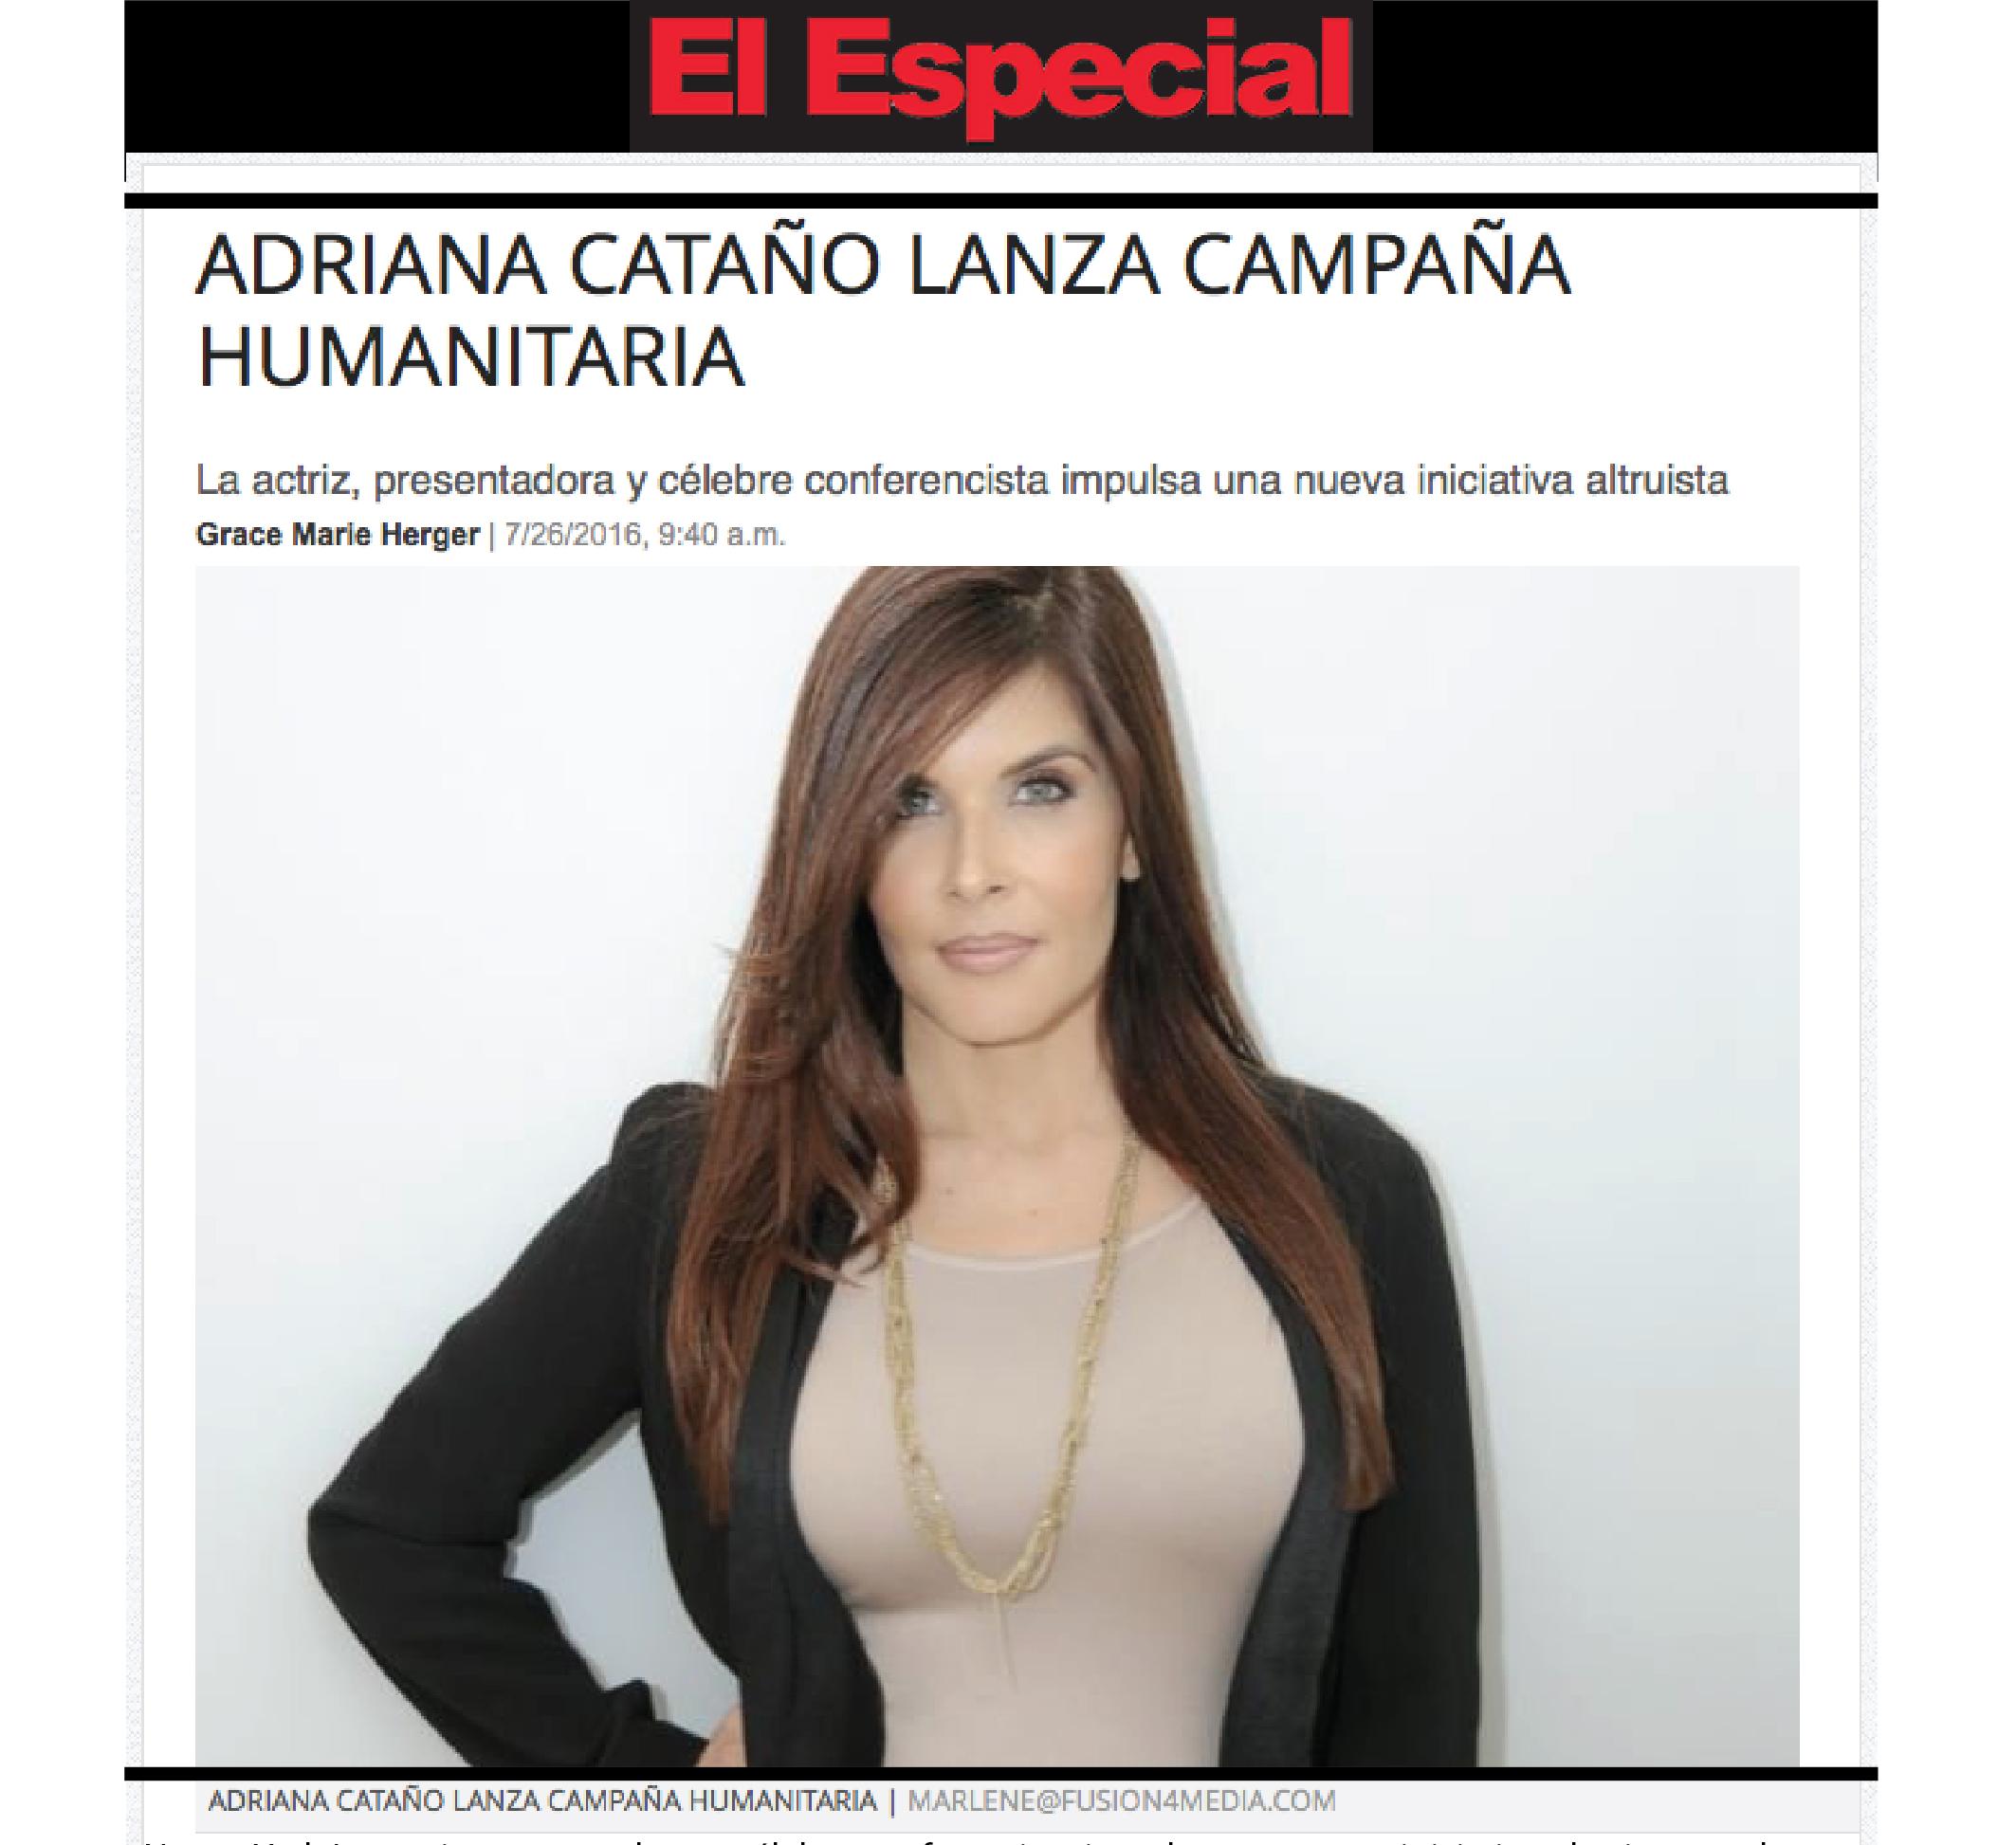 El Esp